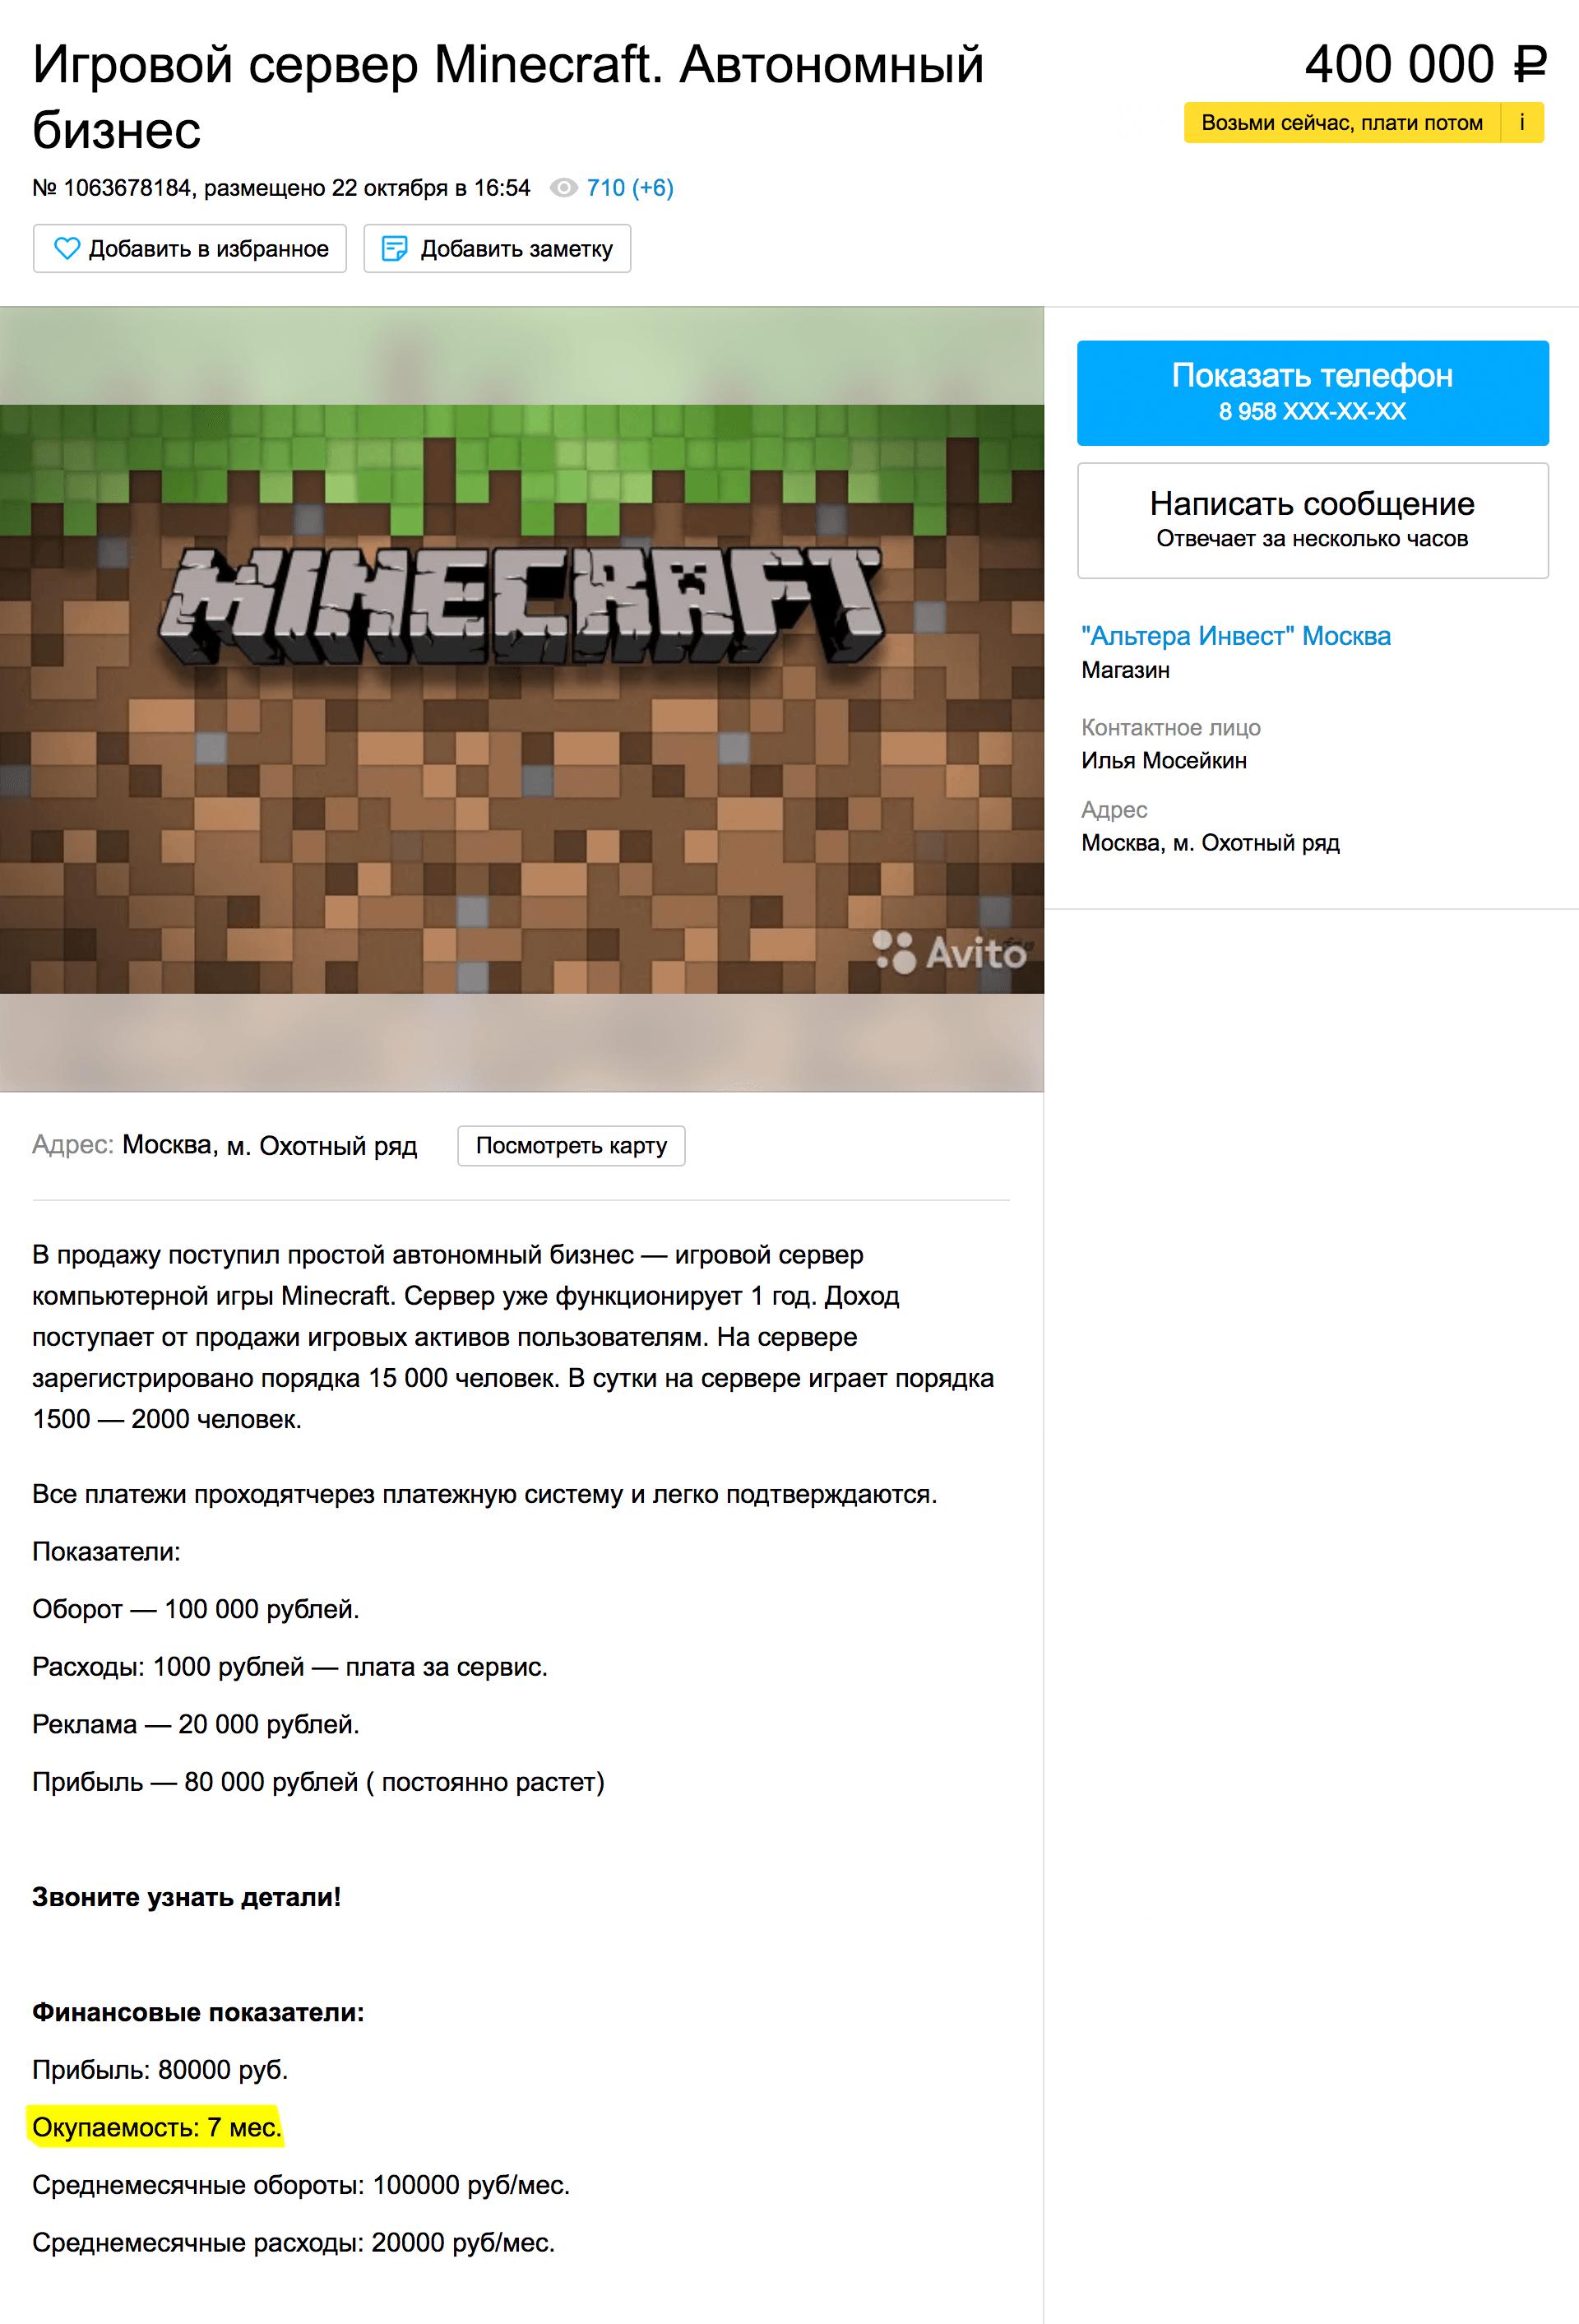 Игровой сервер «Майнкрафт» за 400 тысяч рублей. Владельцы обещают, что вложения окупятся за семь месяцев. Объявление на «Авито»